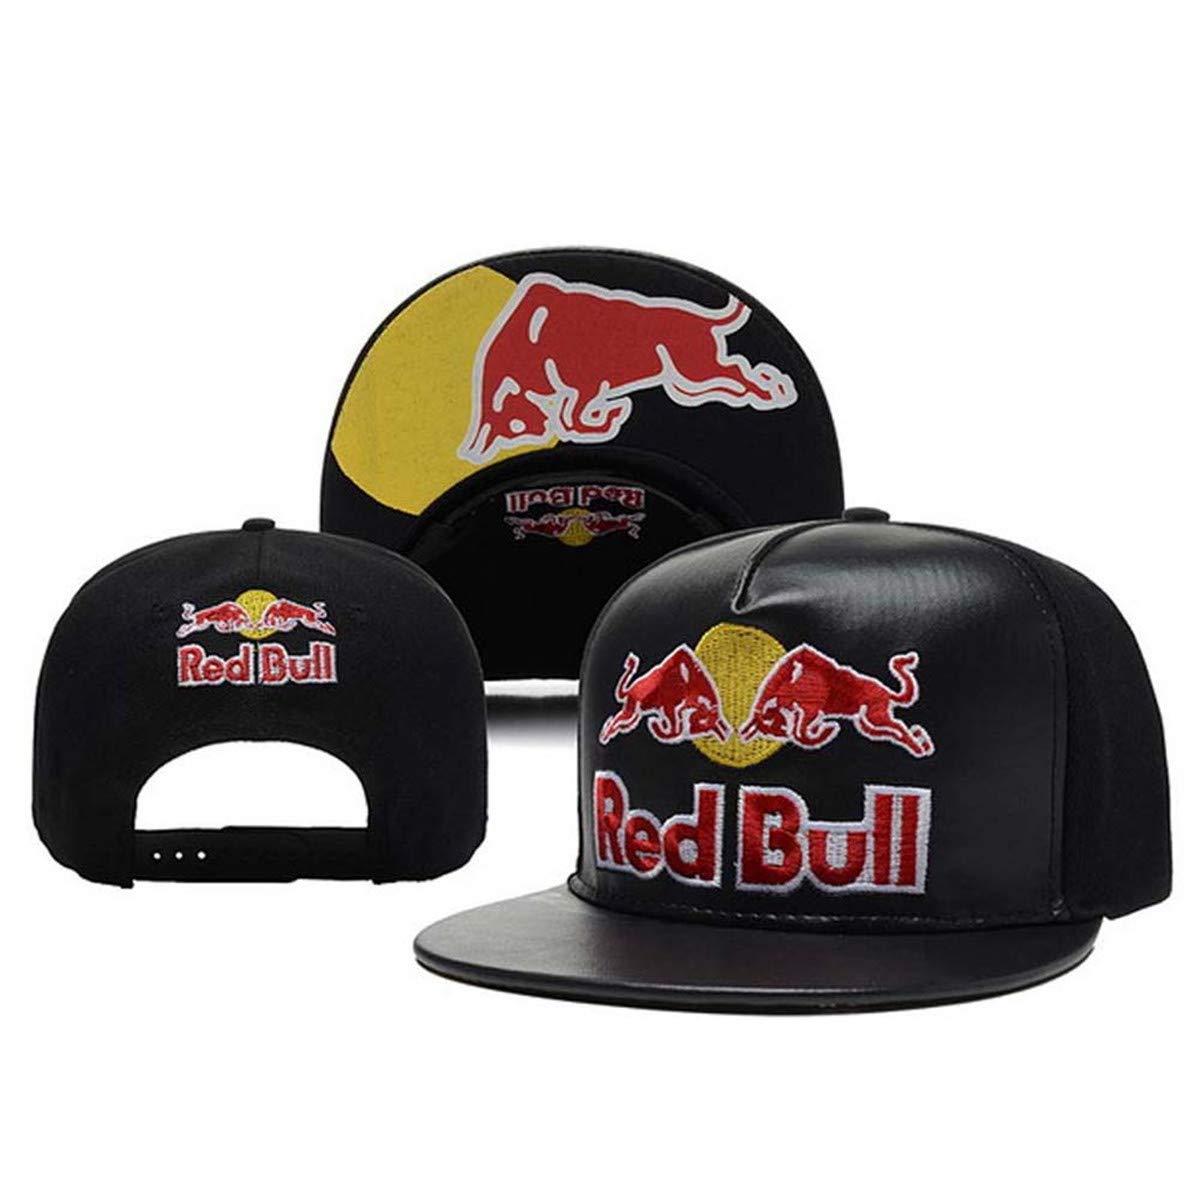 Farben1 Red Bull - Gorra Unisex: Amazon.es: Ropa y accesorios